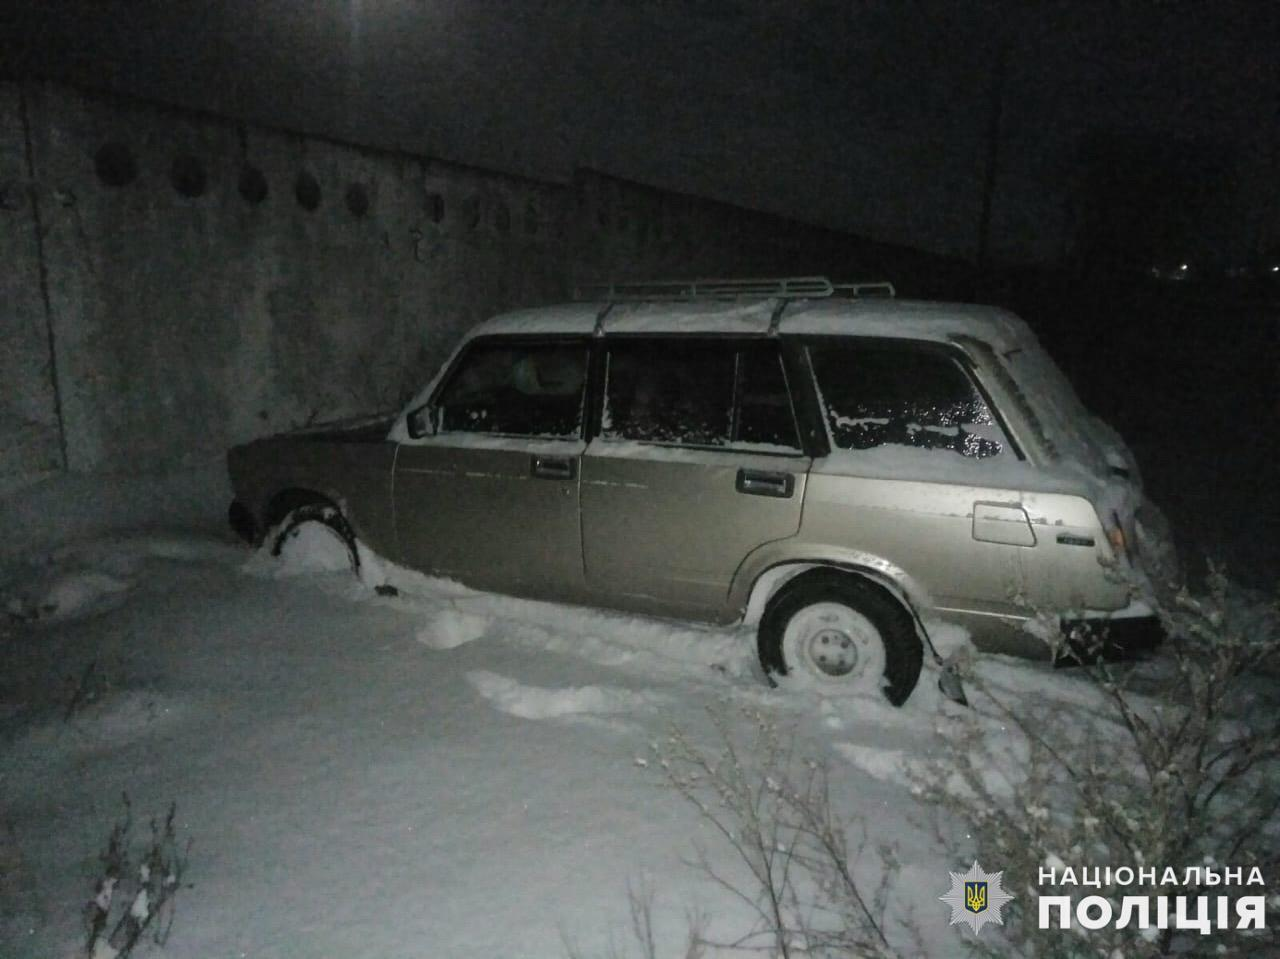 На Обухівщині водій відбуксирував автівку, що заважала проїзду, й отримав підозру - Поліція, підозра, Обухівщина, викрадення авто - zavolo333